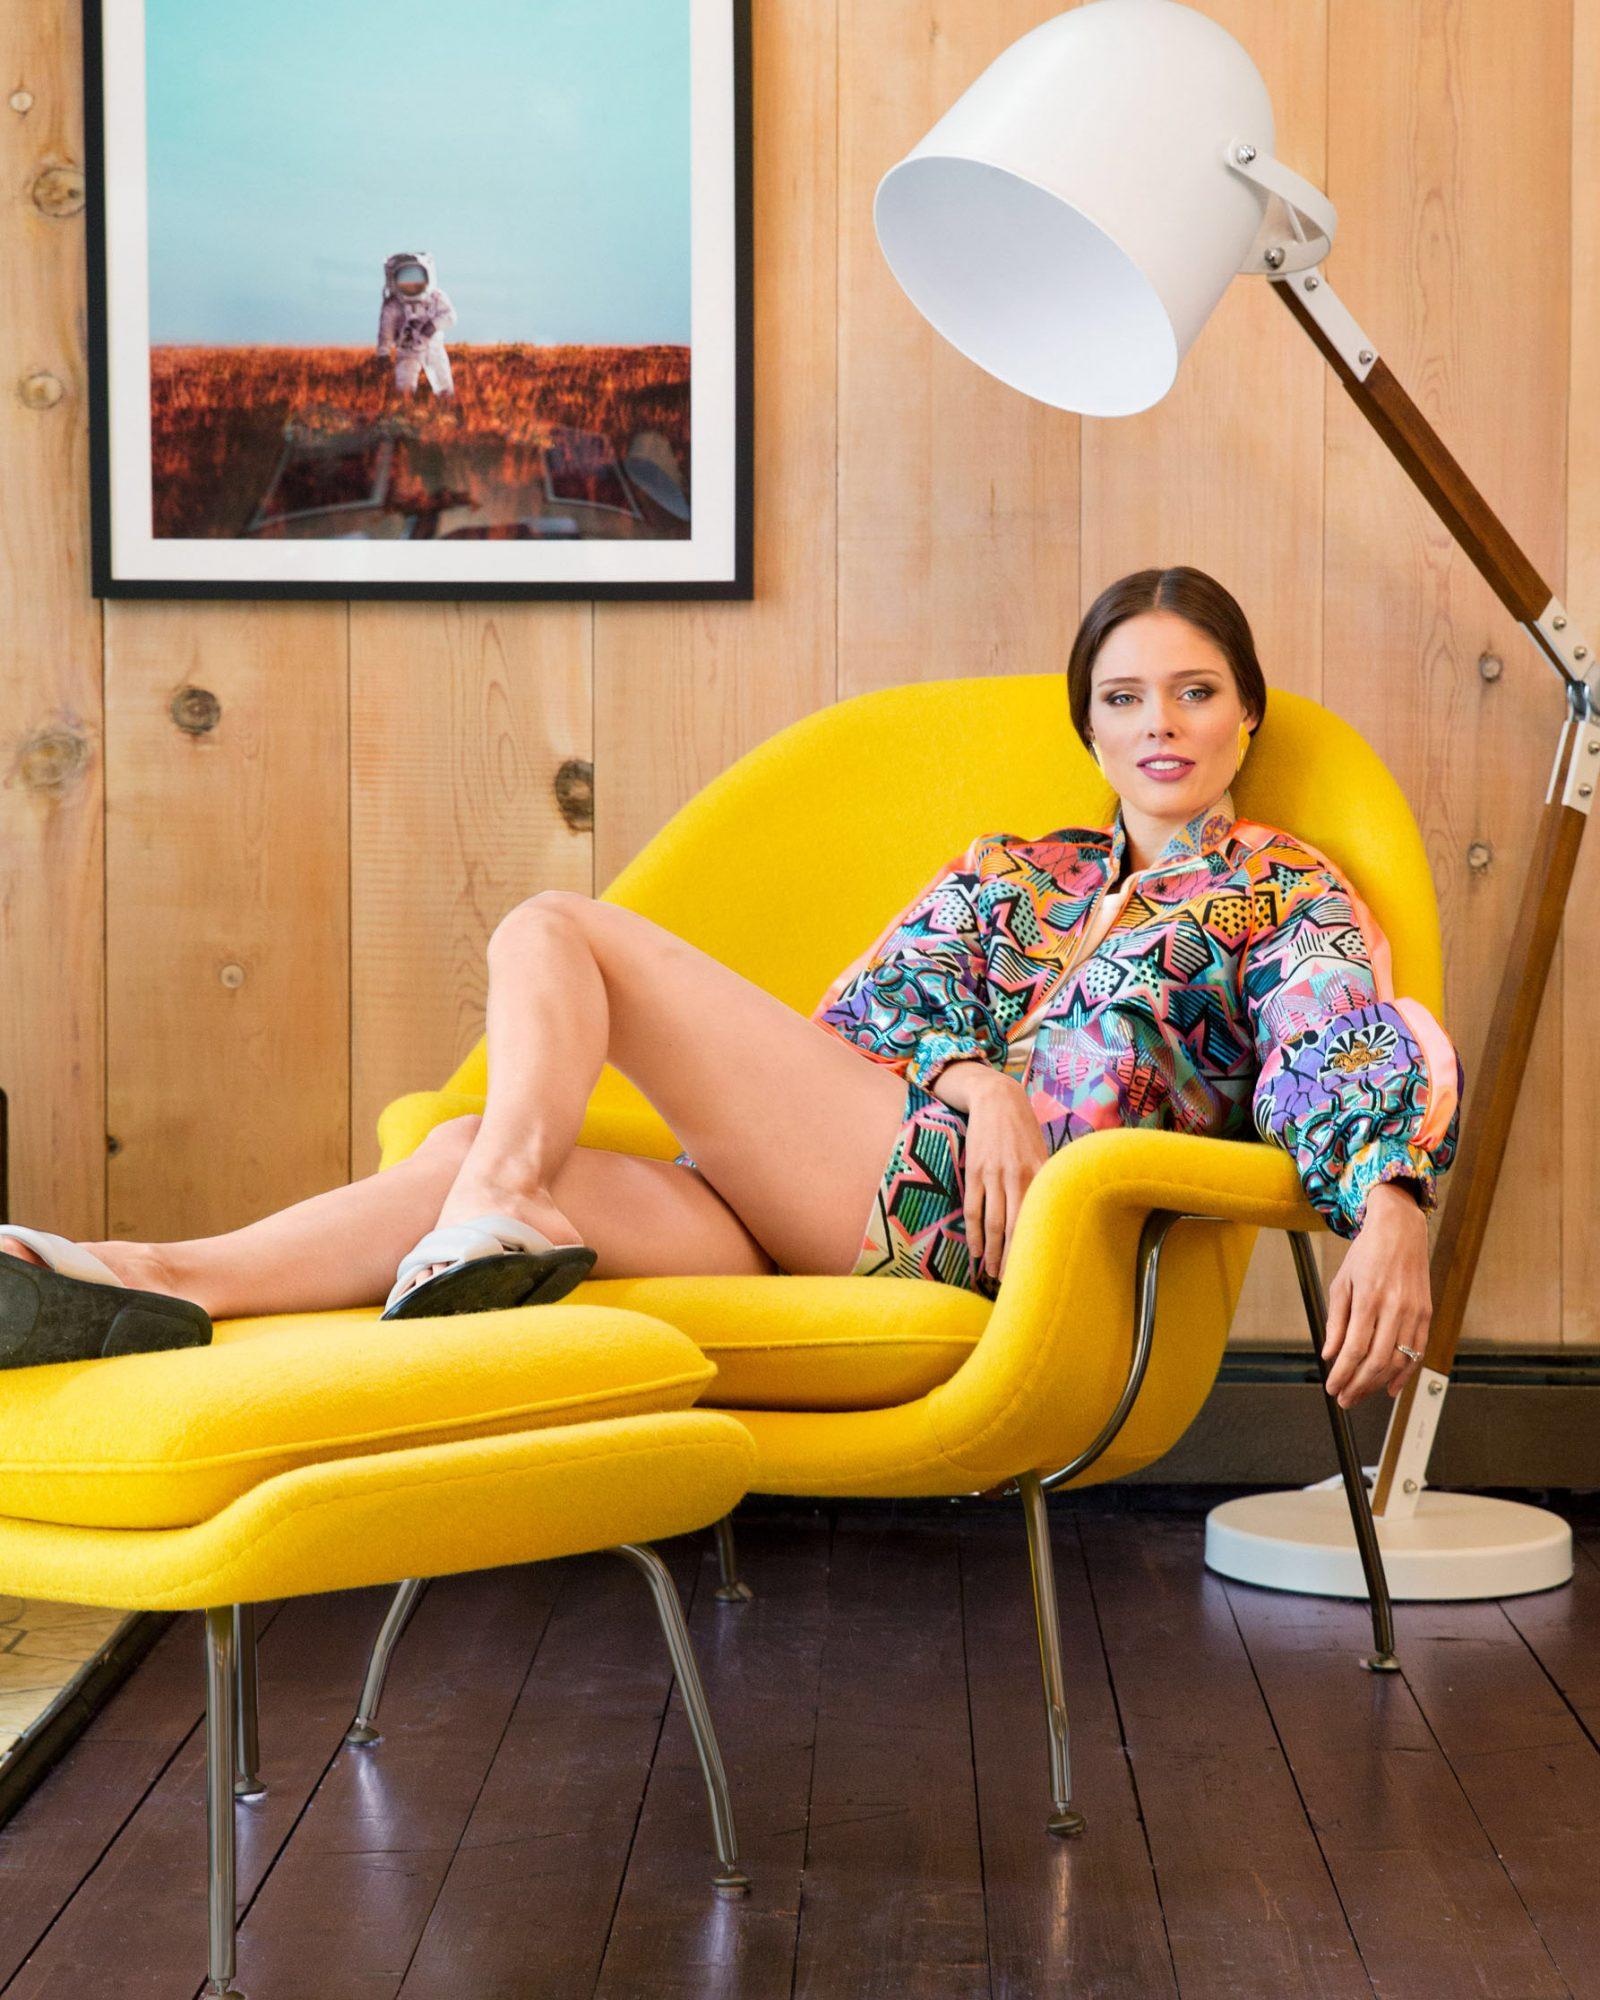 coco rocha on chair